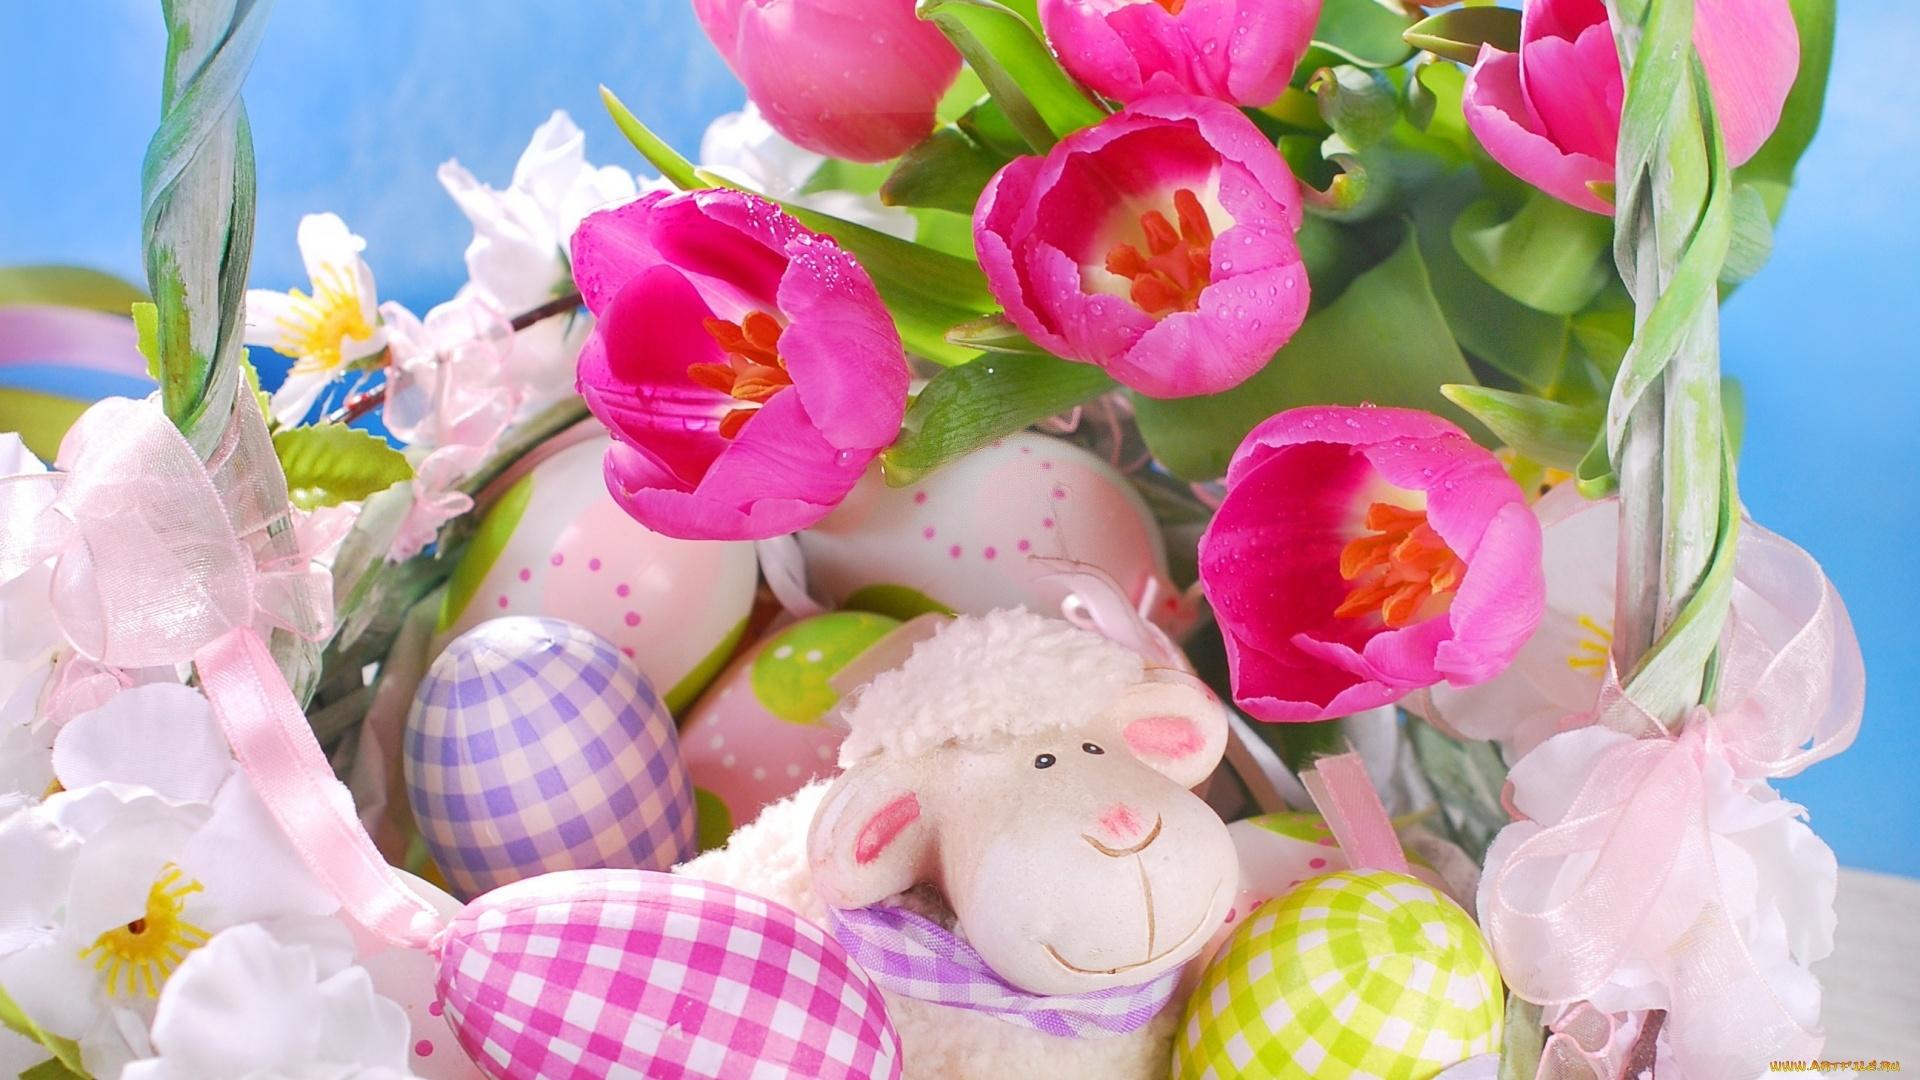 Easter Flowers wallpaper for desktop